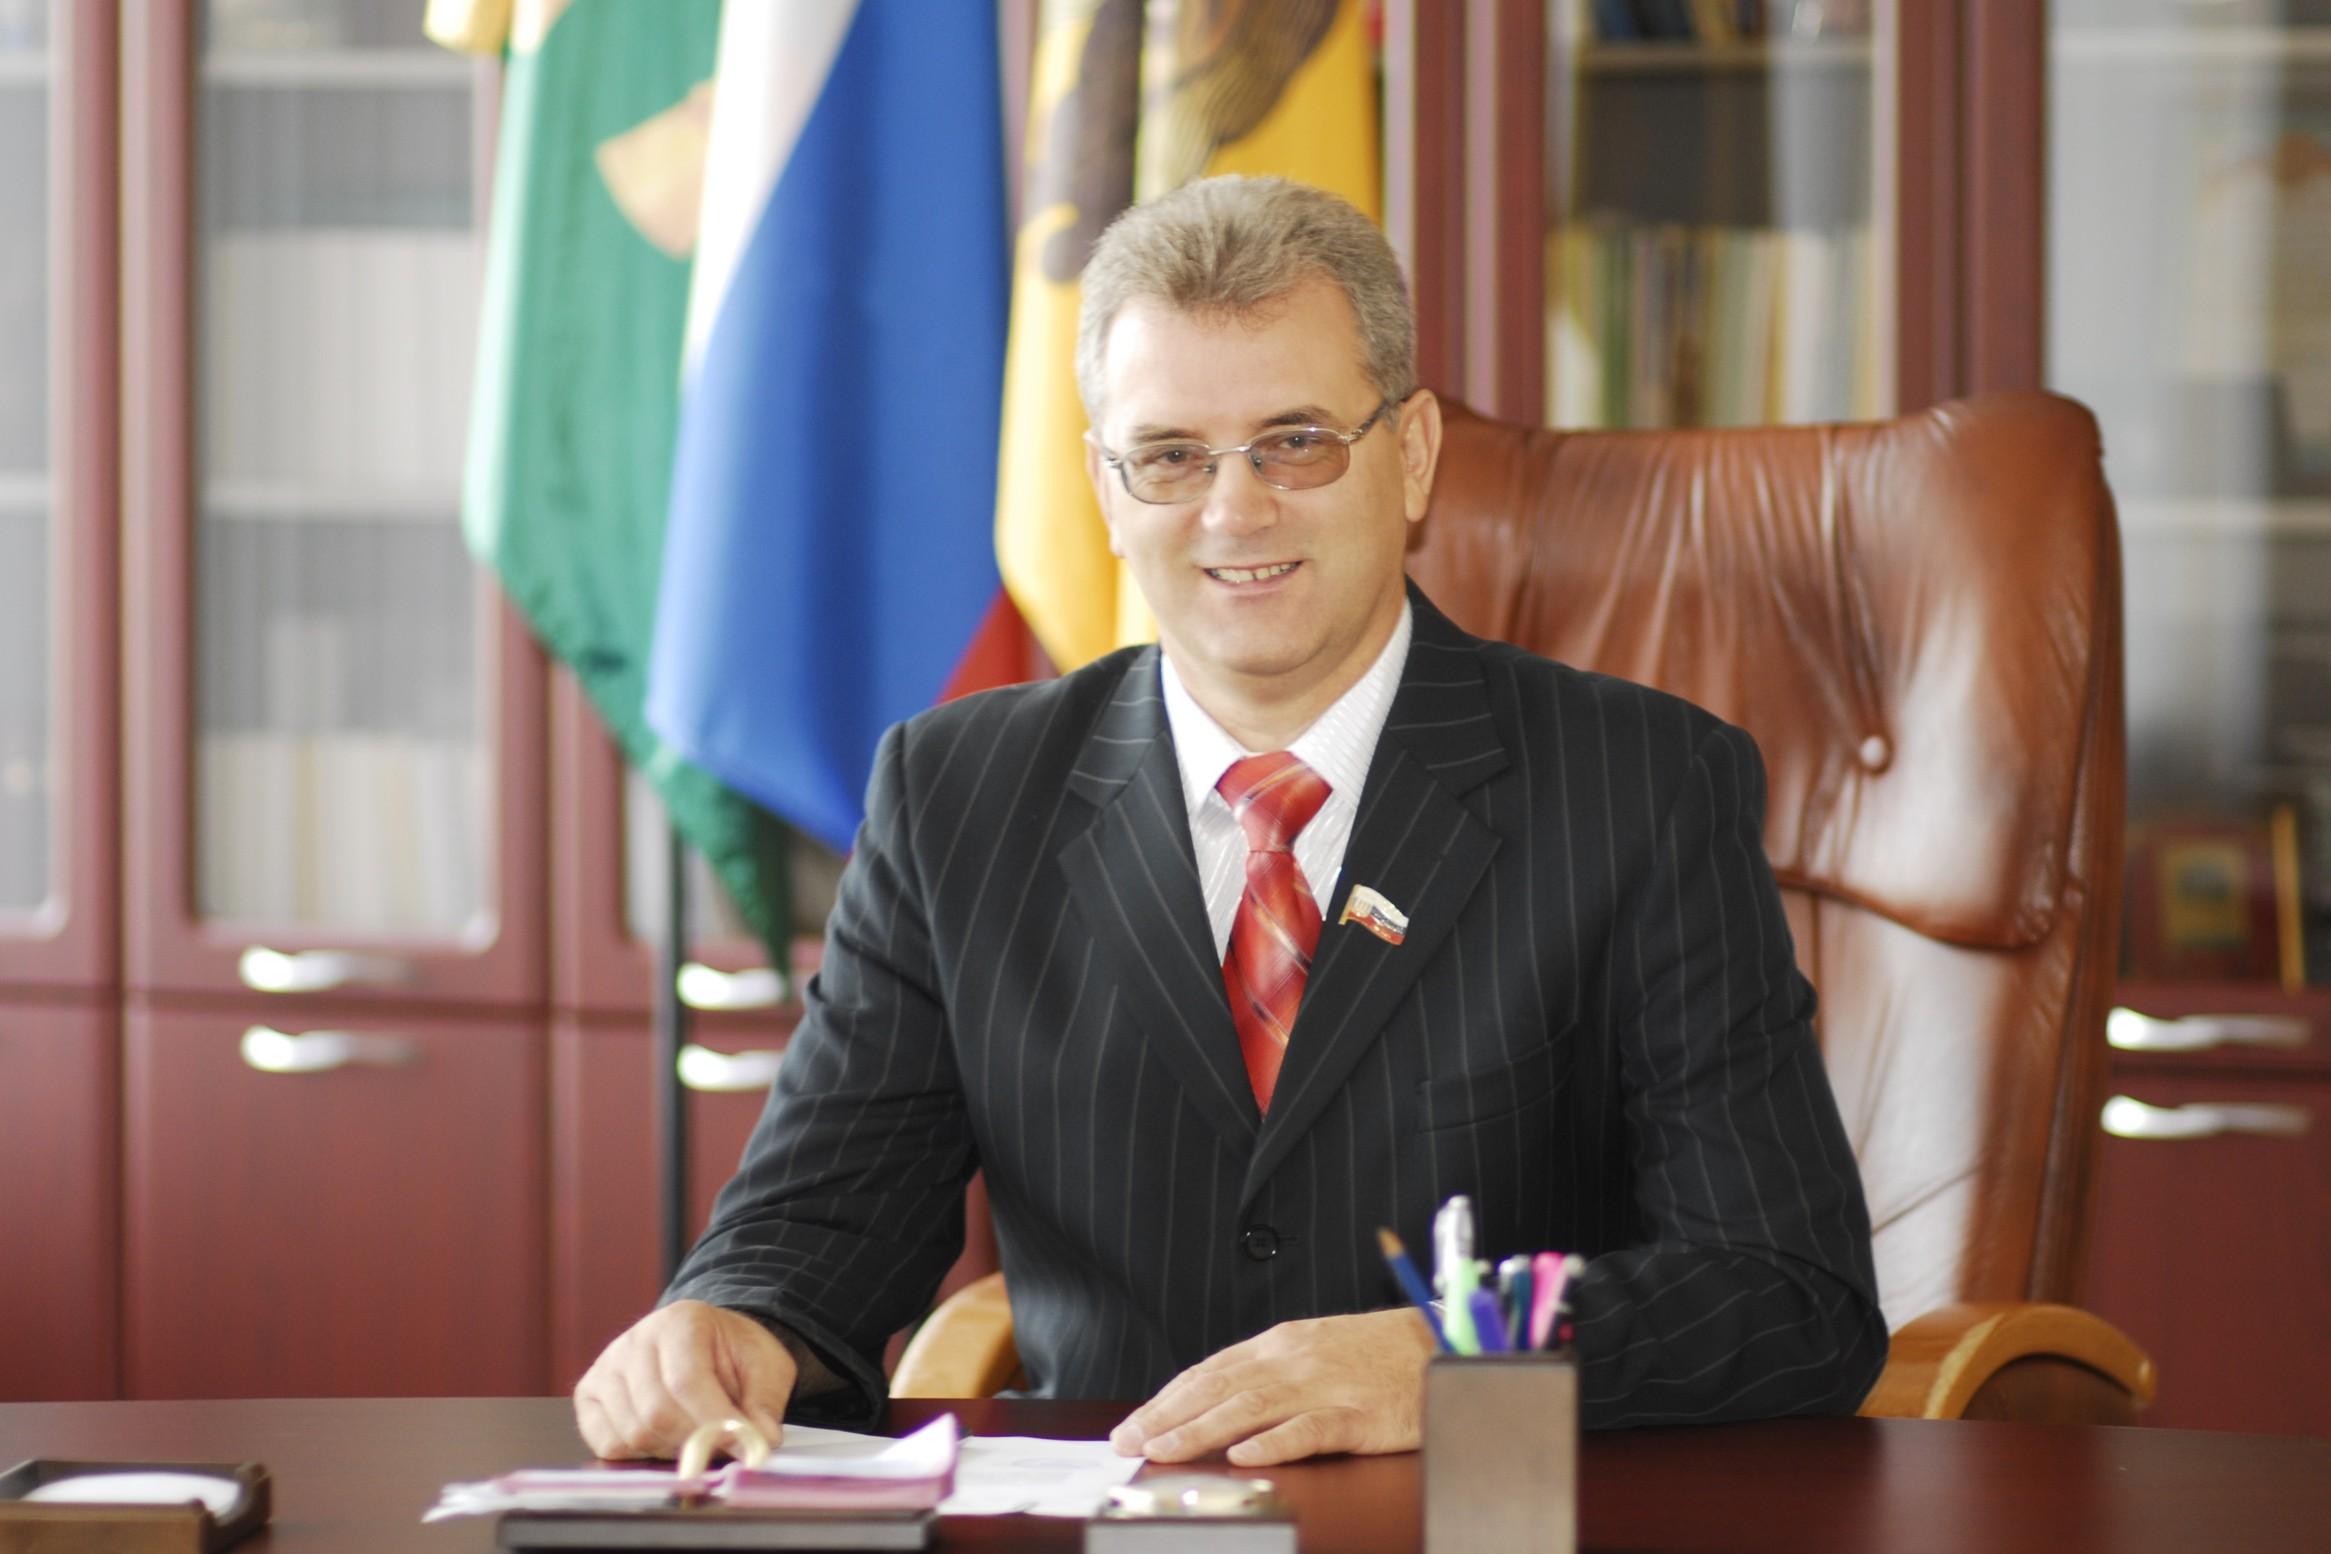 Поздравление главе администрации с днем рождения 26